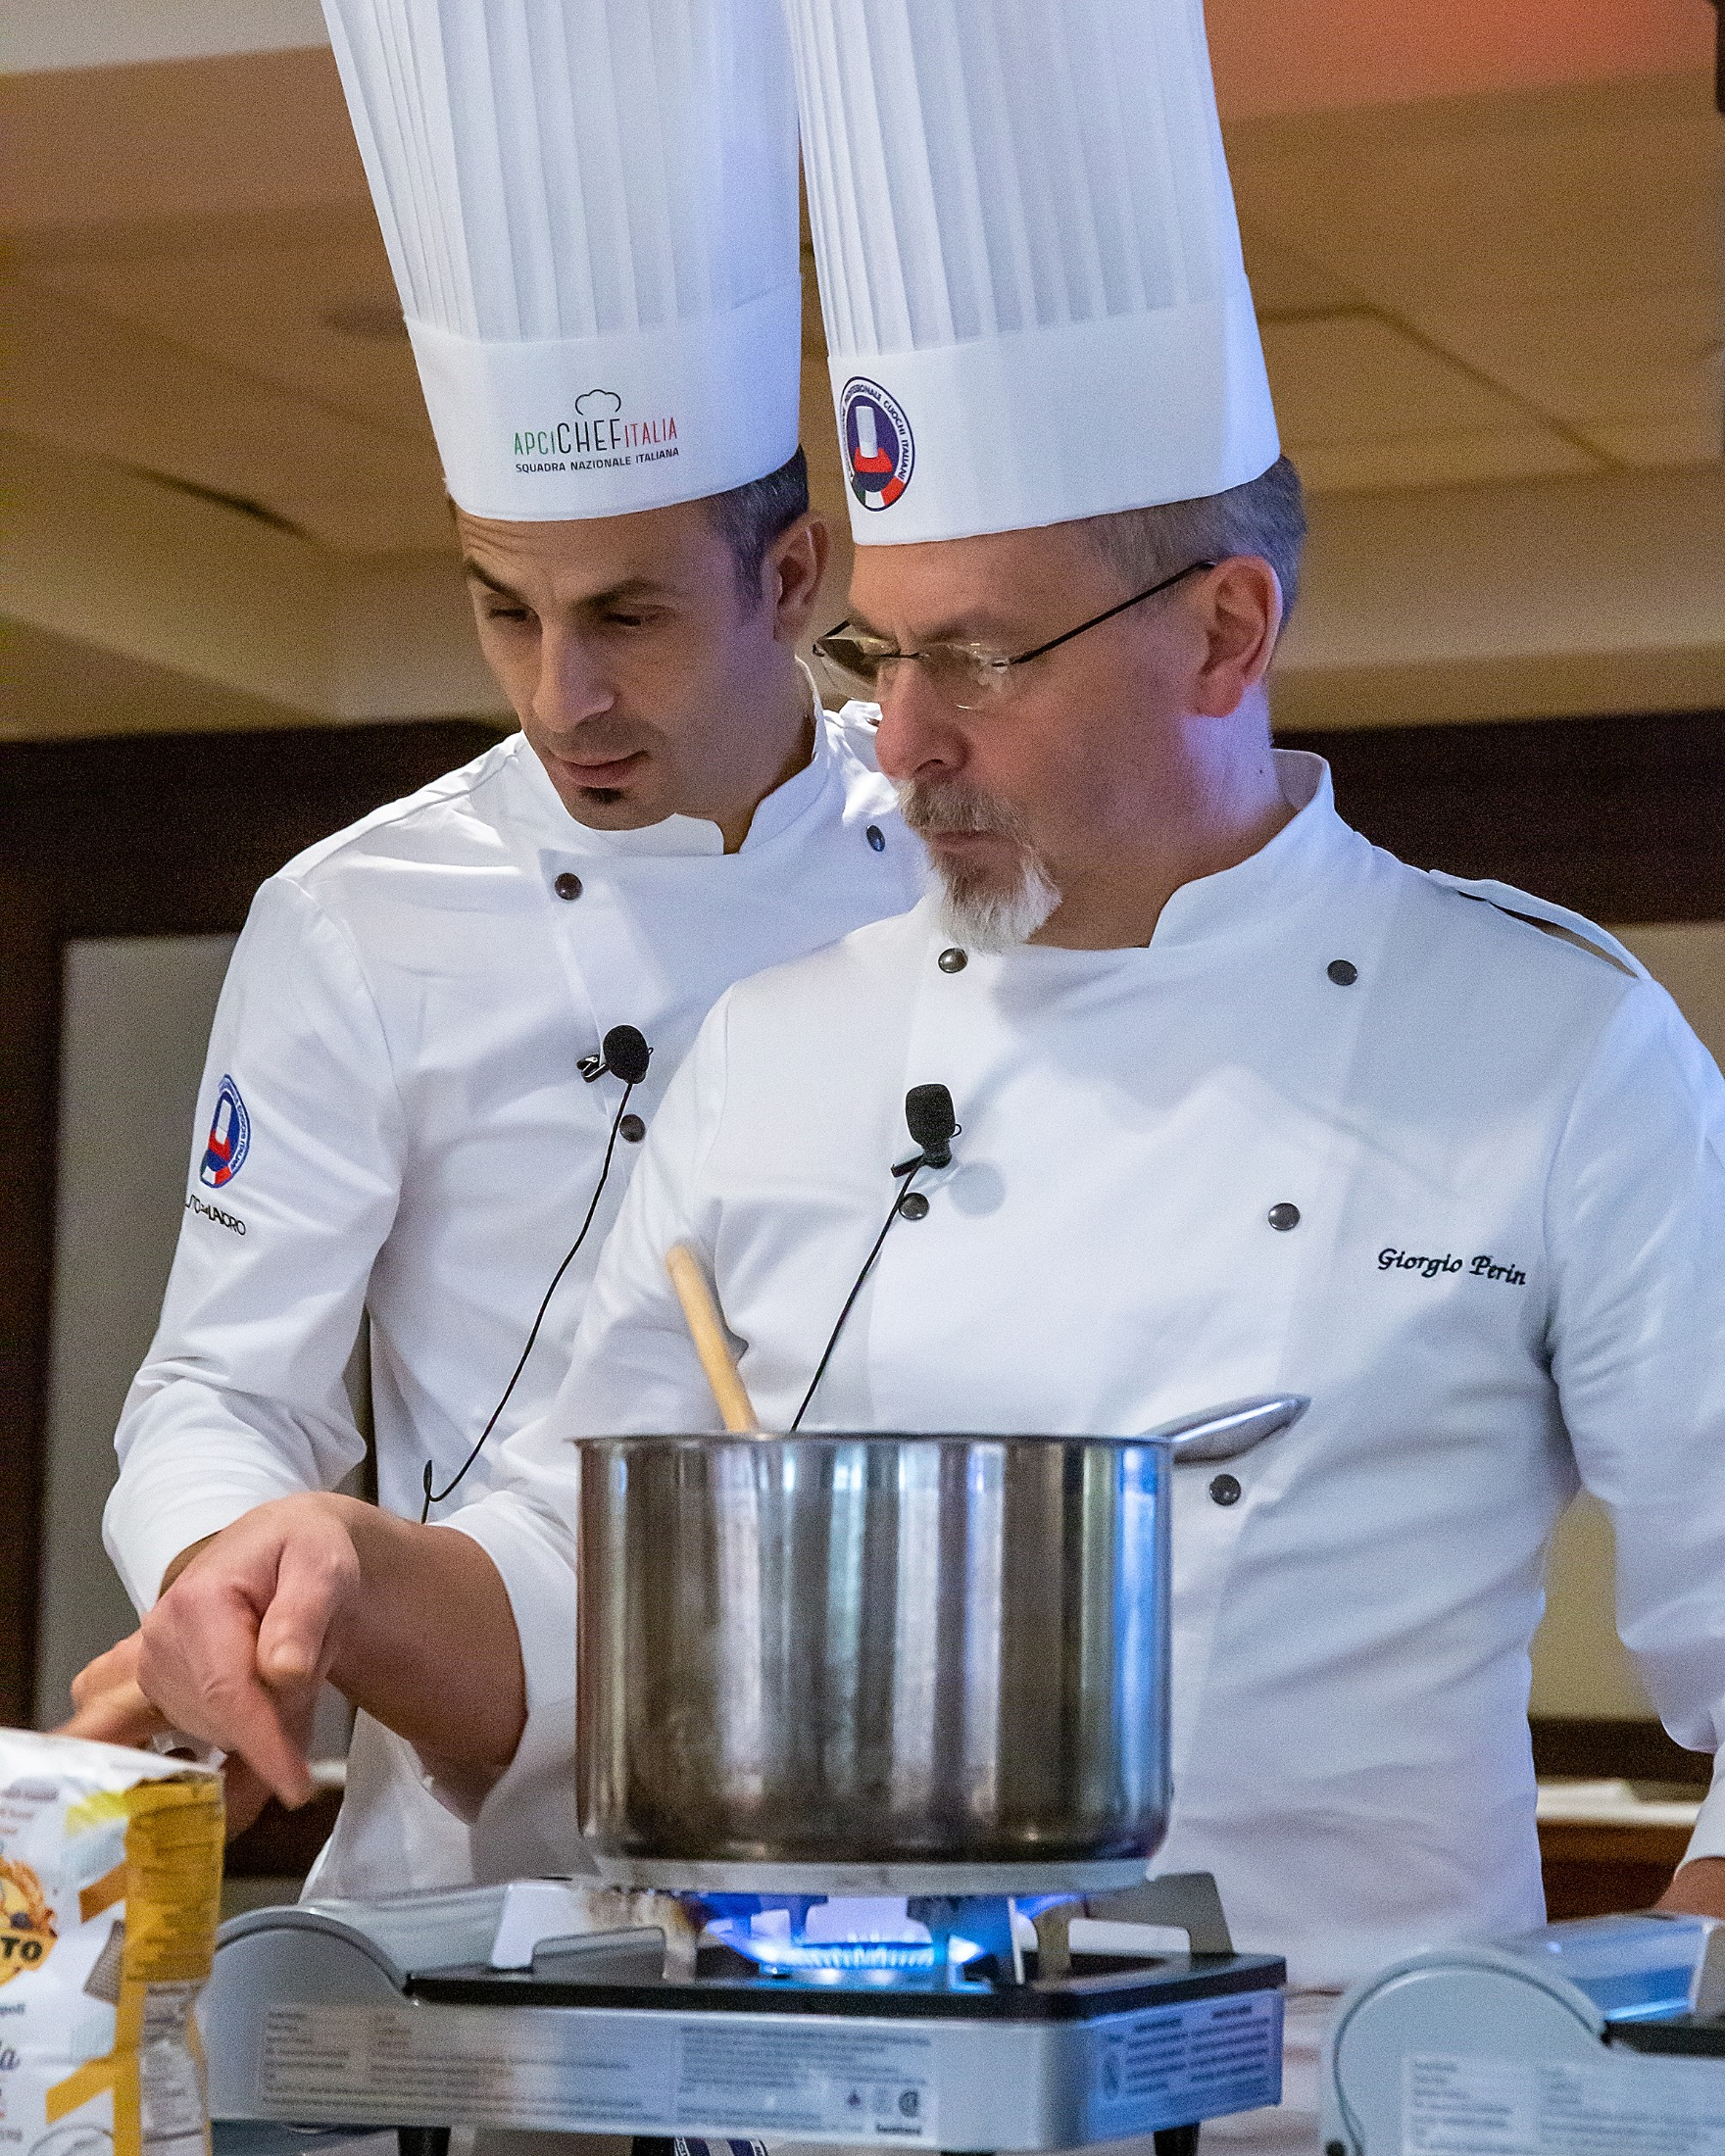 Chefs Luca Malacrida and Giorgio Perin.